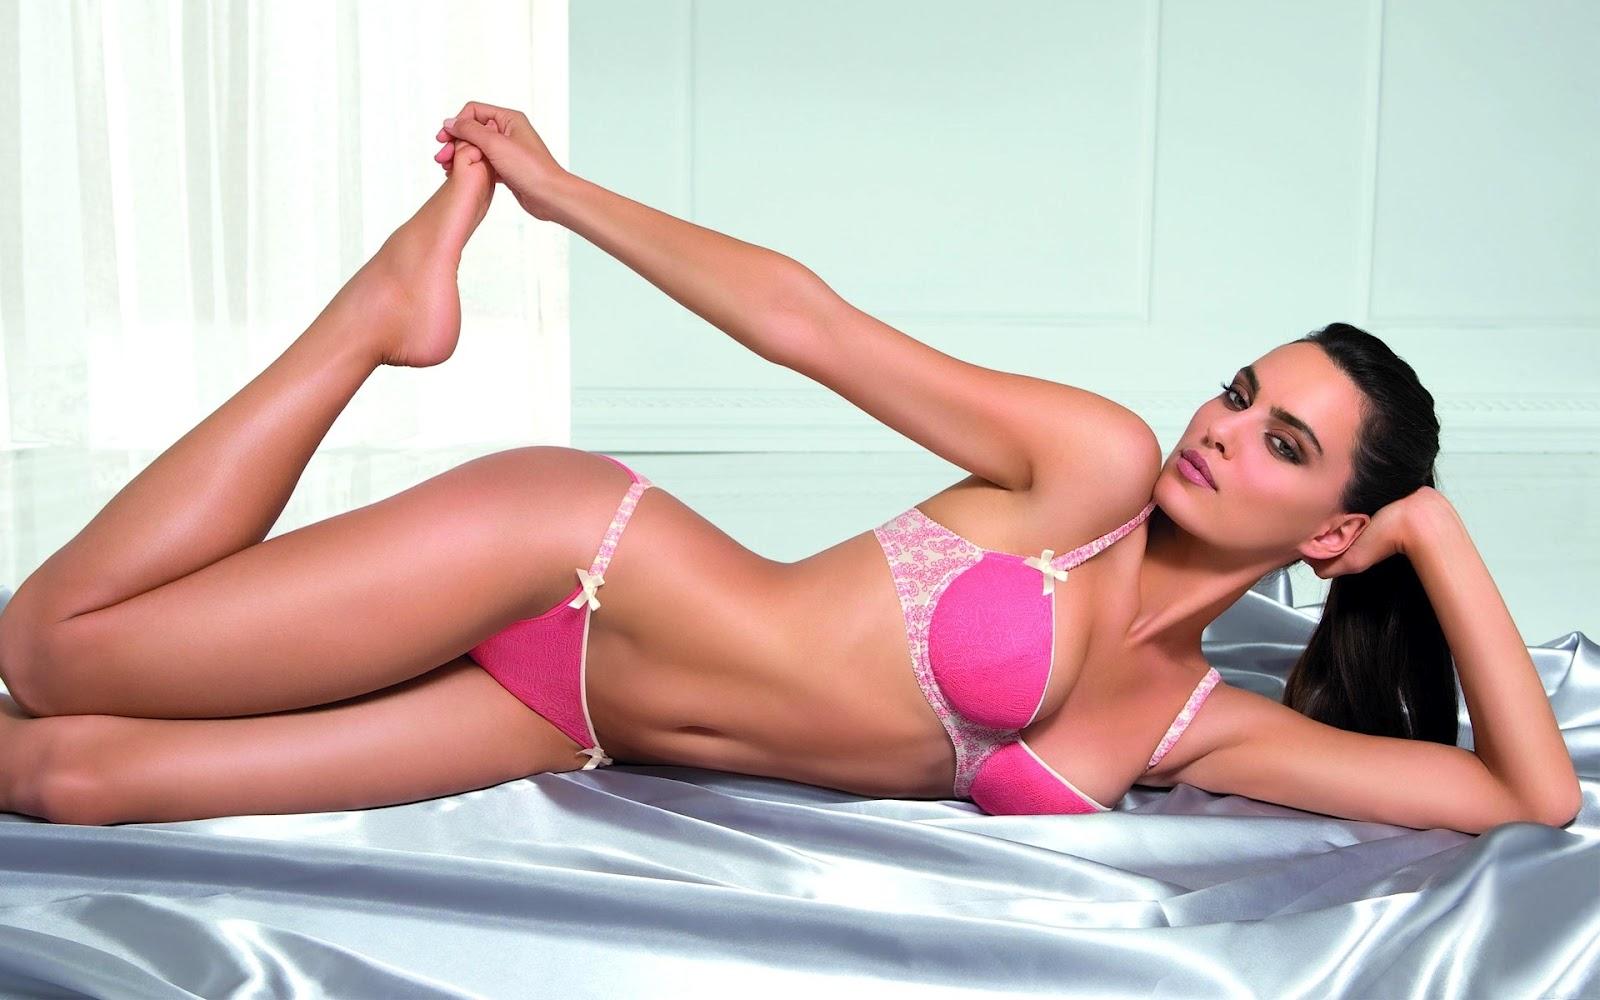 devushka-v-rozovom-bikini-na-divane